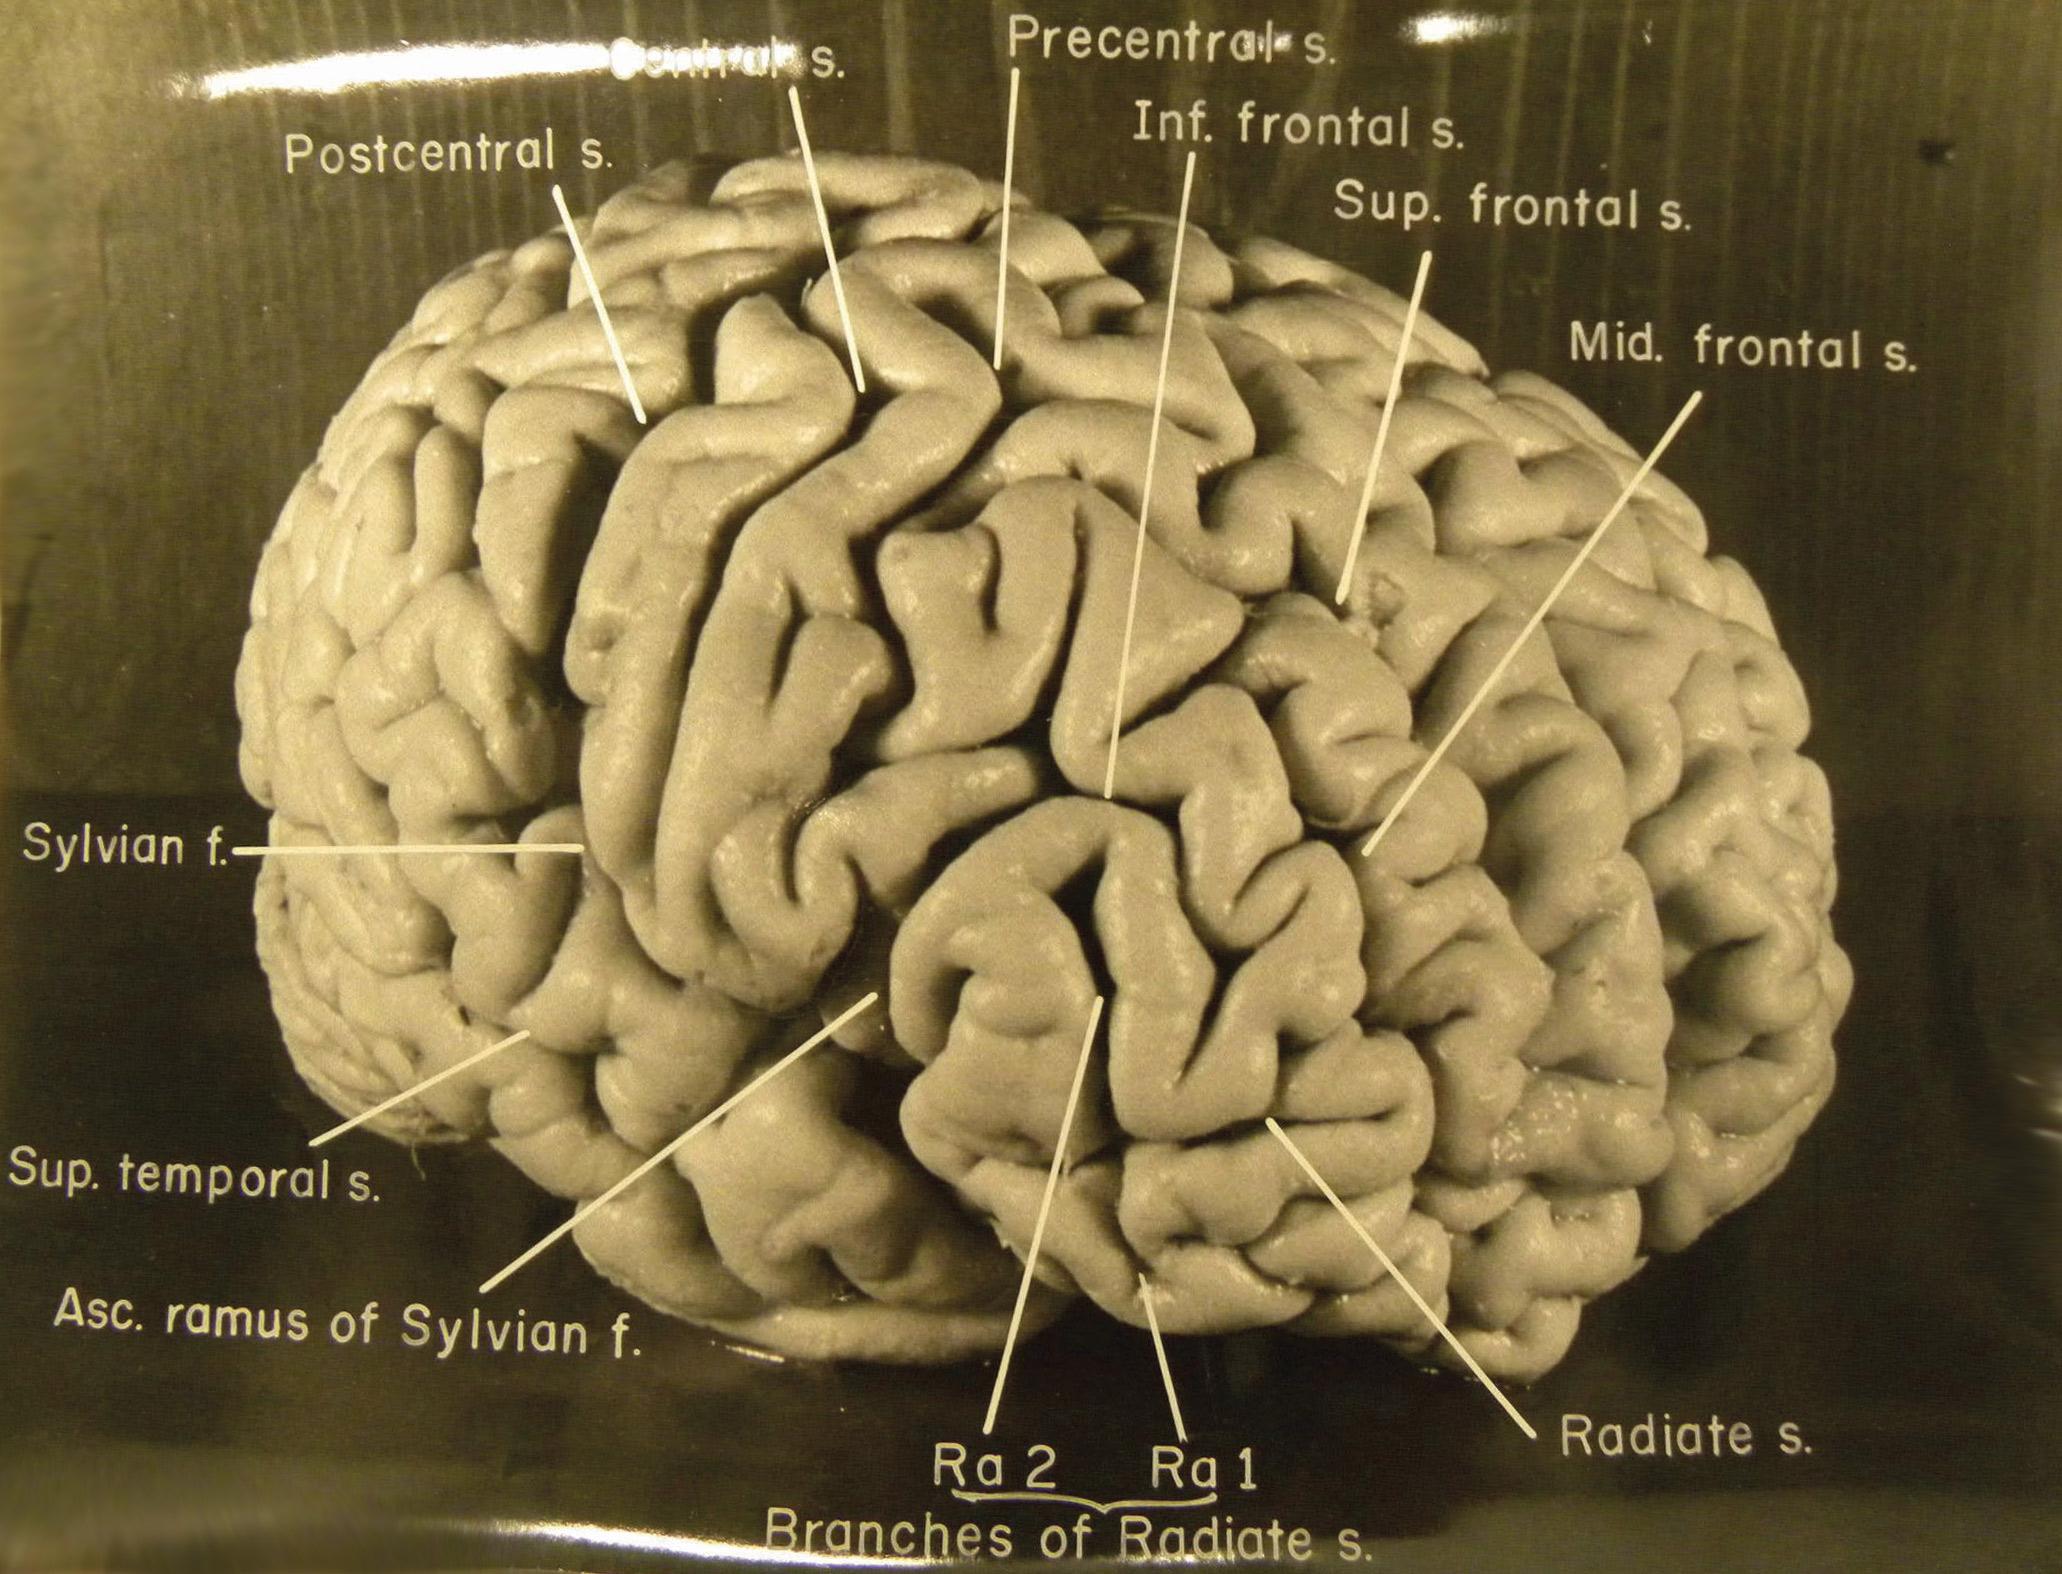 איינשטיין האתאיסט לא רמה שיסגדו לעצמותיו וביקש בצוואתו שגופו יישרף ואפרו יפוזר בנהר לא ידוע בניו-ג'רזי. אולם בניגוד לצוואתו שימרו הרופאים הארווי ואברהמס את מוחו ואת עיניו של איינשטיין ואף שלחו במשך השנים פיסות מהמוח למדענים שונים לצורכי מחקר. מוחו המשומר של איינשטיין